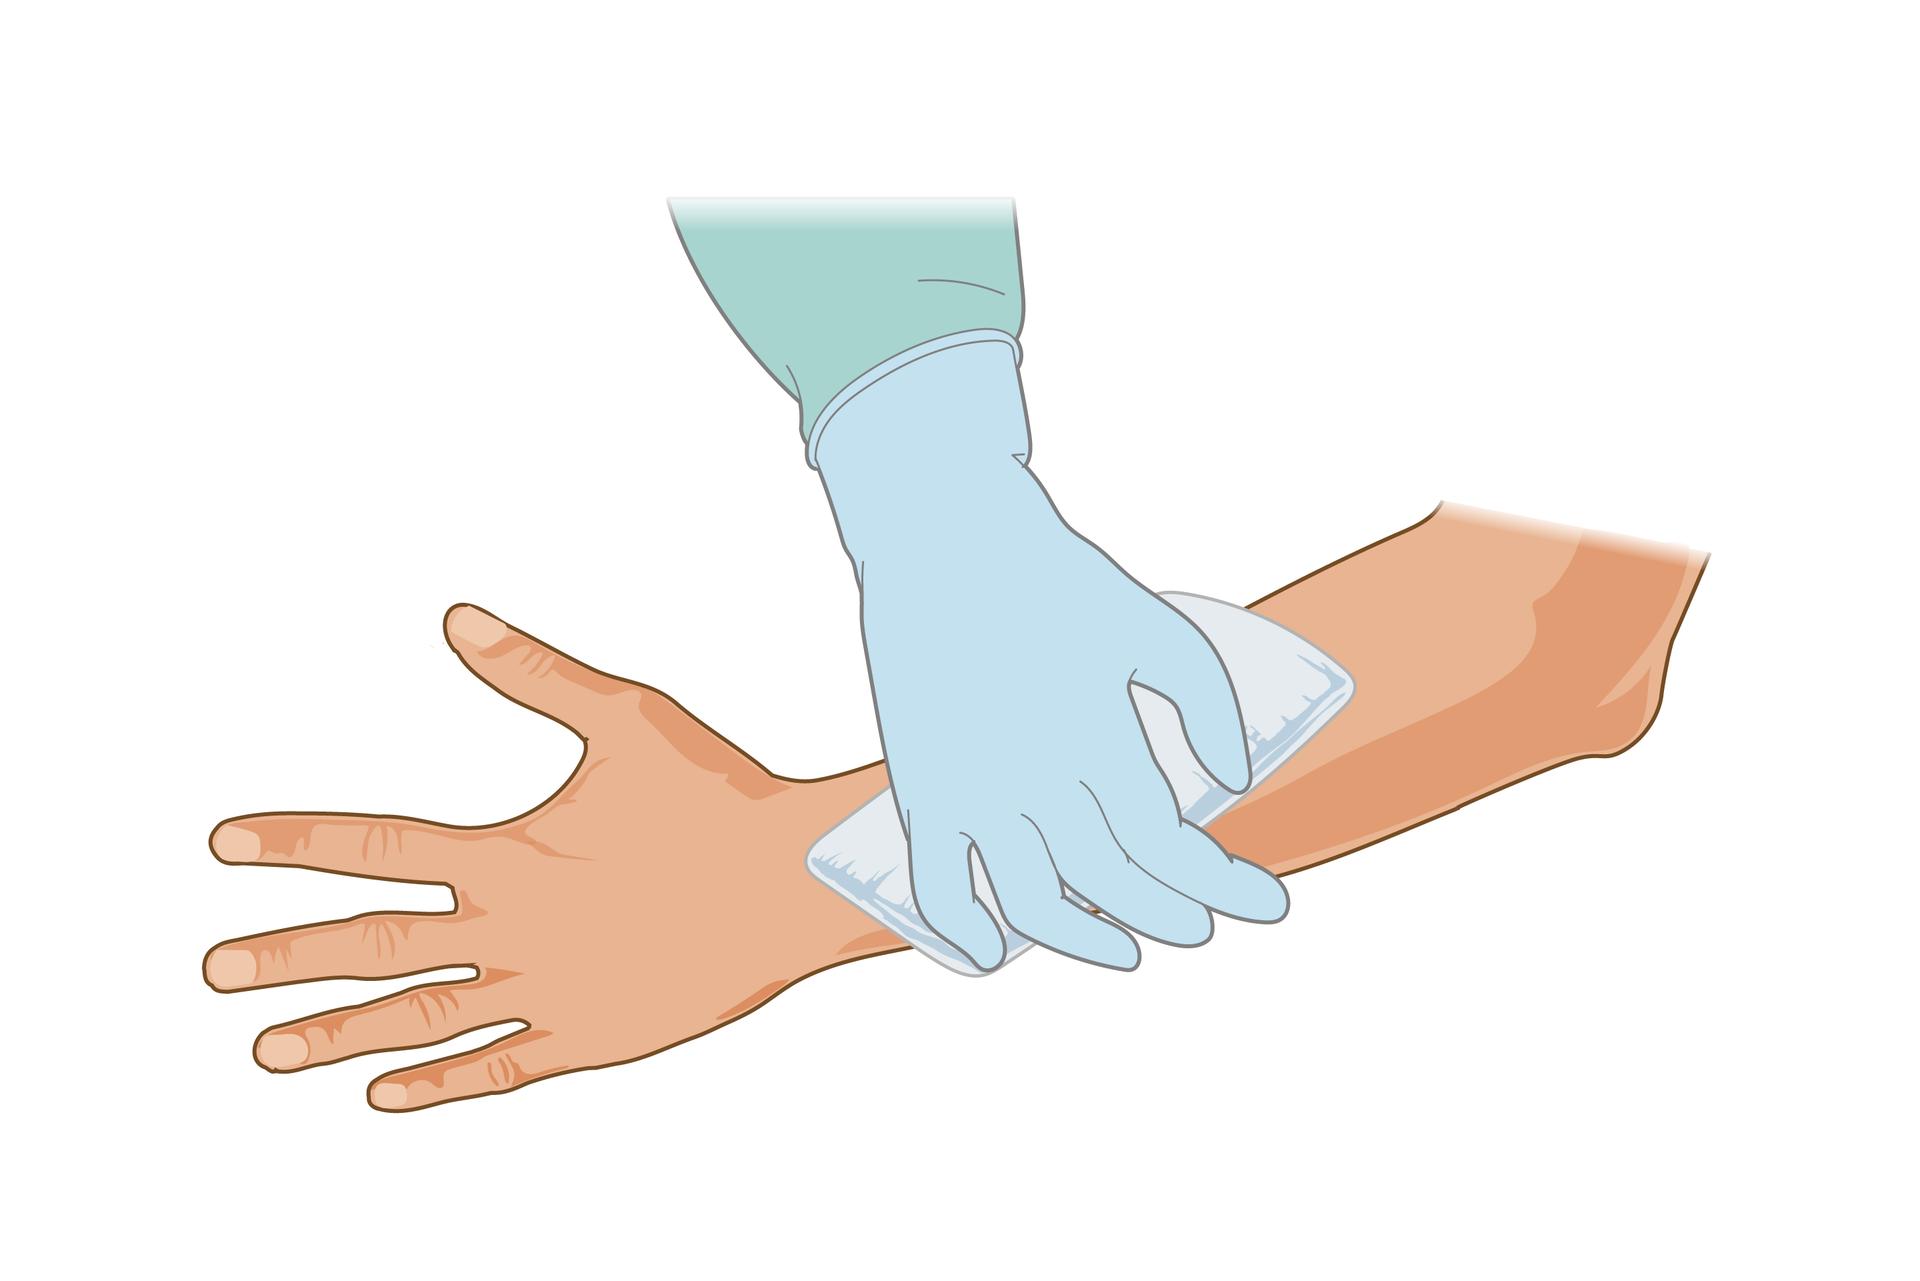 Ilustracja przedstawia zabezpieczanie rany. Lewa ręka ukazana od dłoni zwyprostowanymi palcami po lewej stronie rysunku do łokcia po prawej stronie skierowana jest zewnętrzną stroną do obserwatora. Przemytą już ranę dłoń sanitariusza wgumowej rękawiczce okłada opatrunkiem zgazy. Opatrunek zakrywa całą ranę.